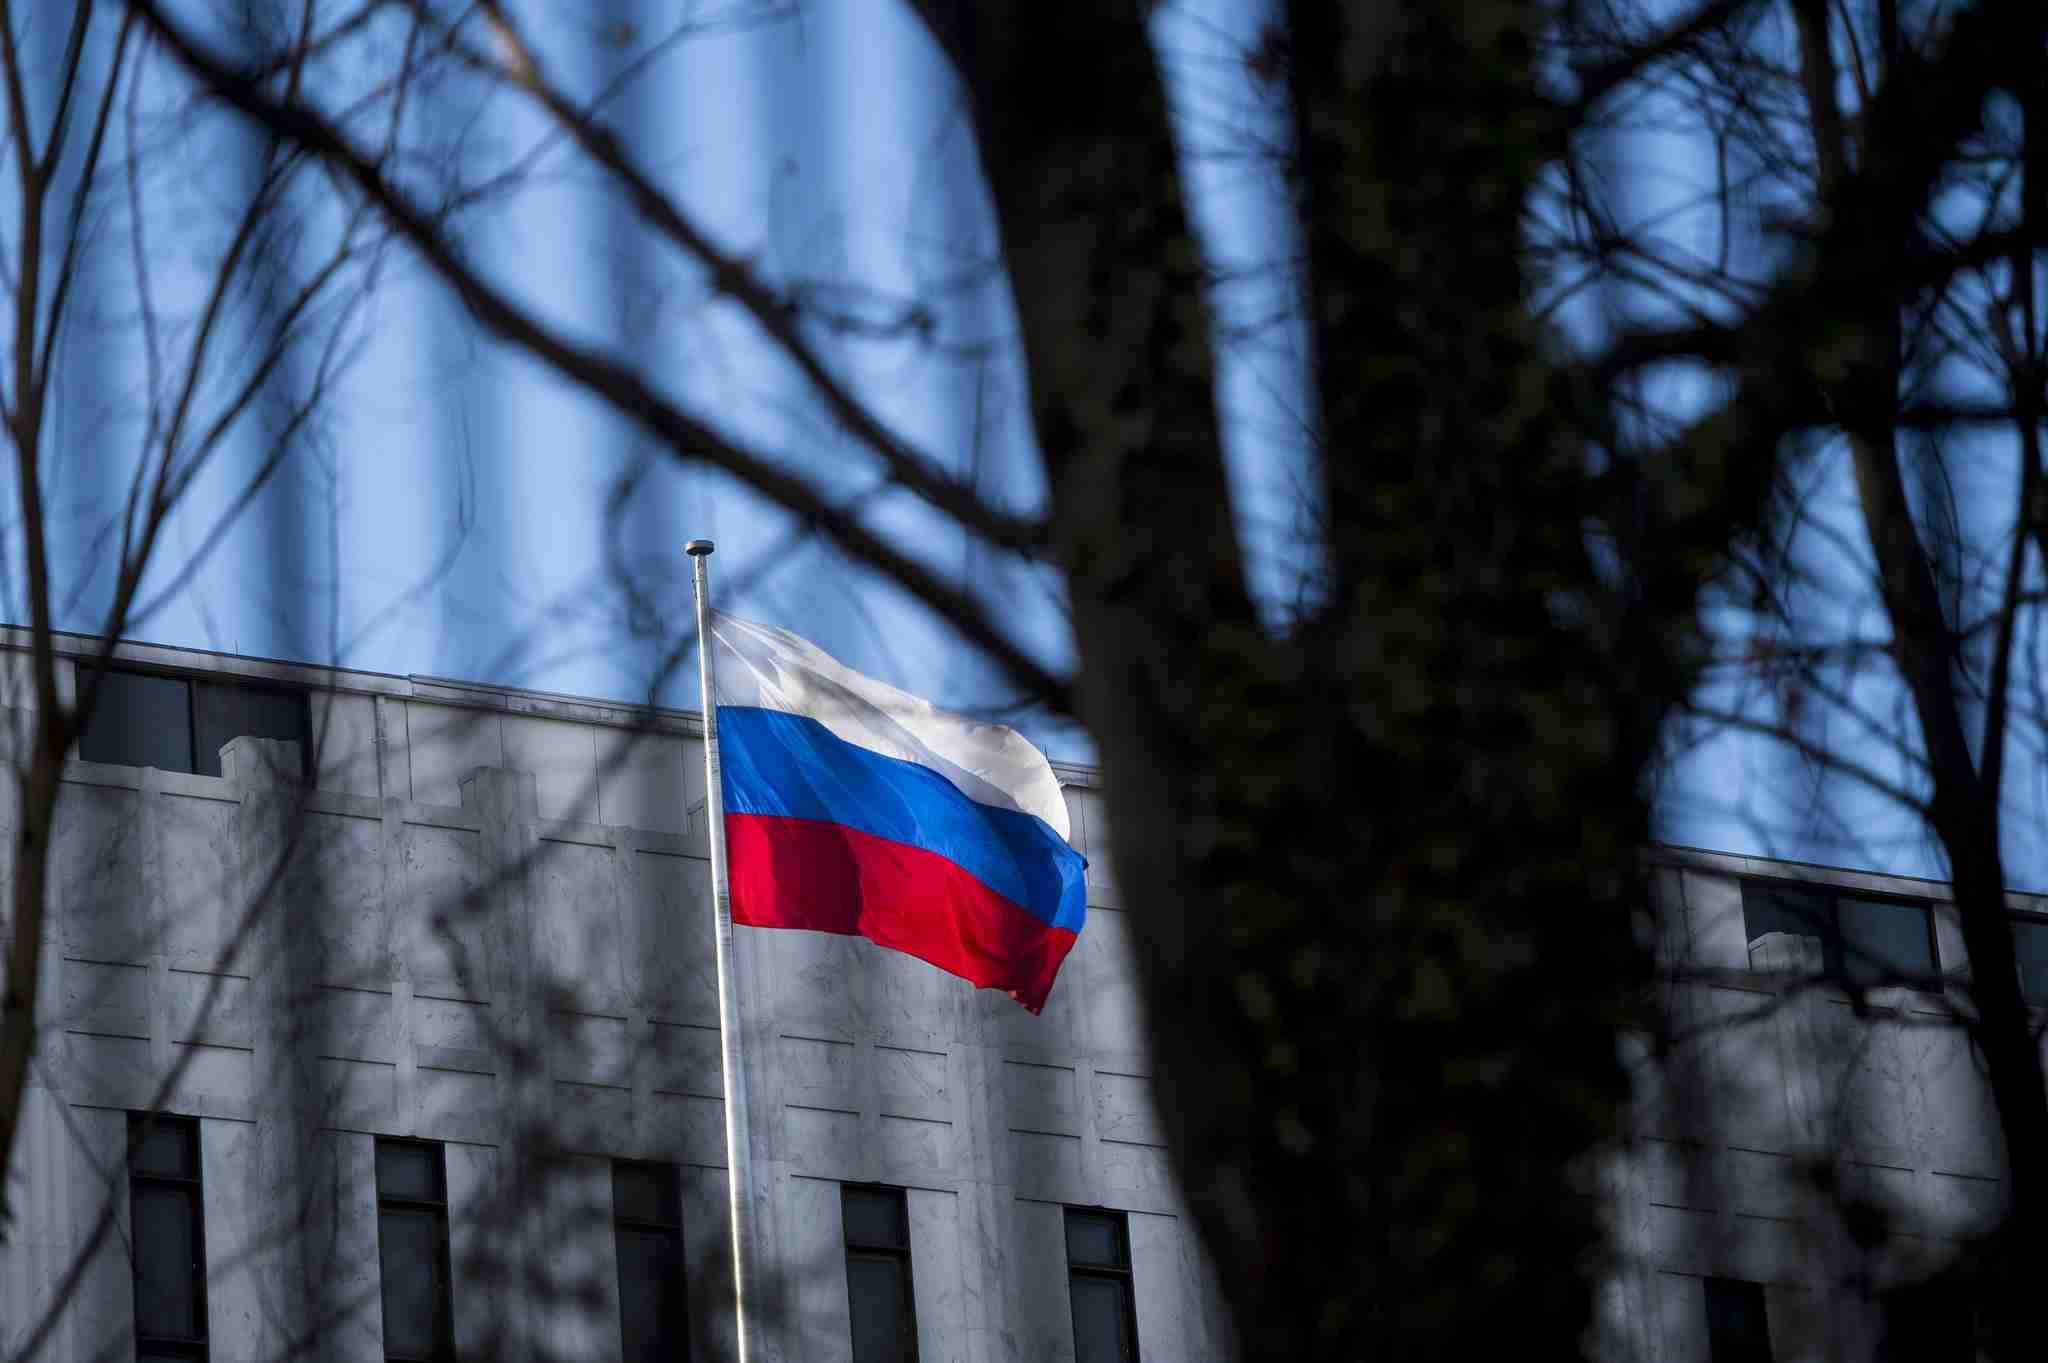 ロシア、39か国でサイバースパイや偽情報活動 専門家グループ (AFP=時事) - Yahoo!ニュース